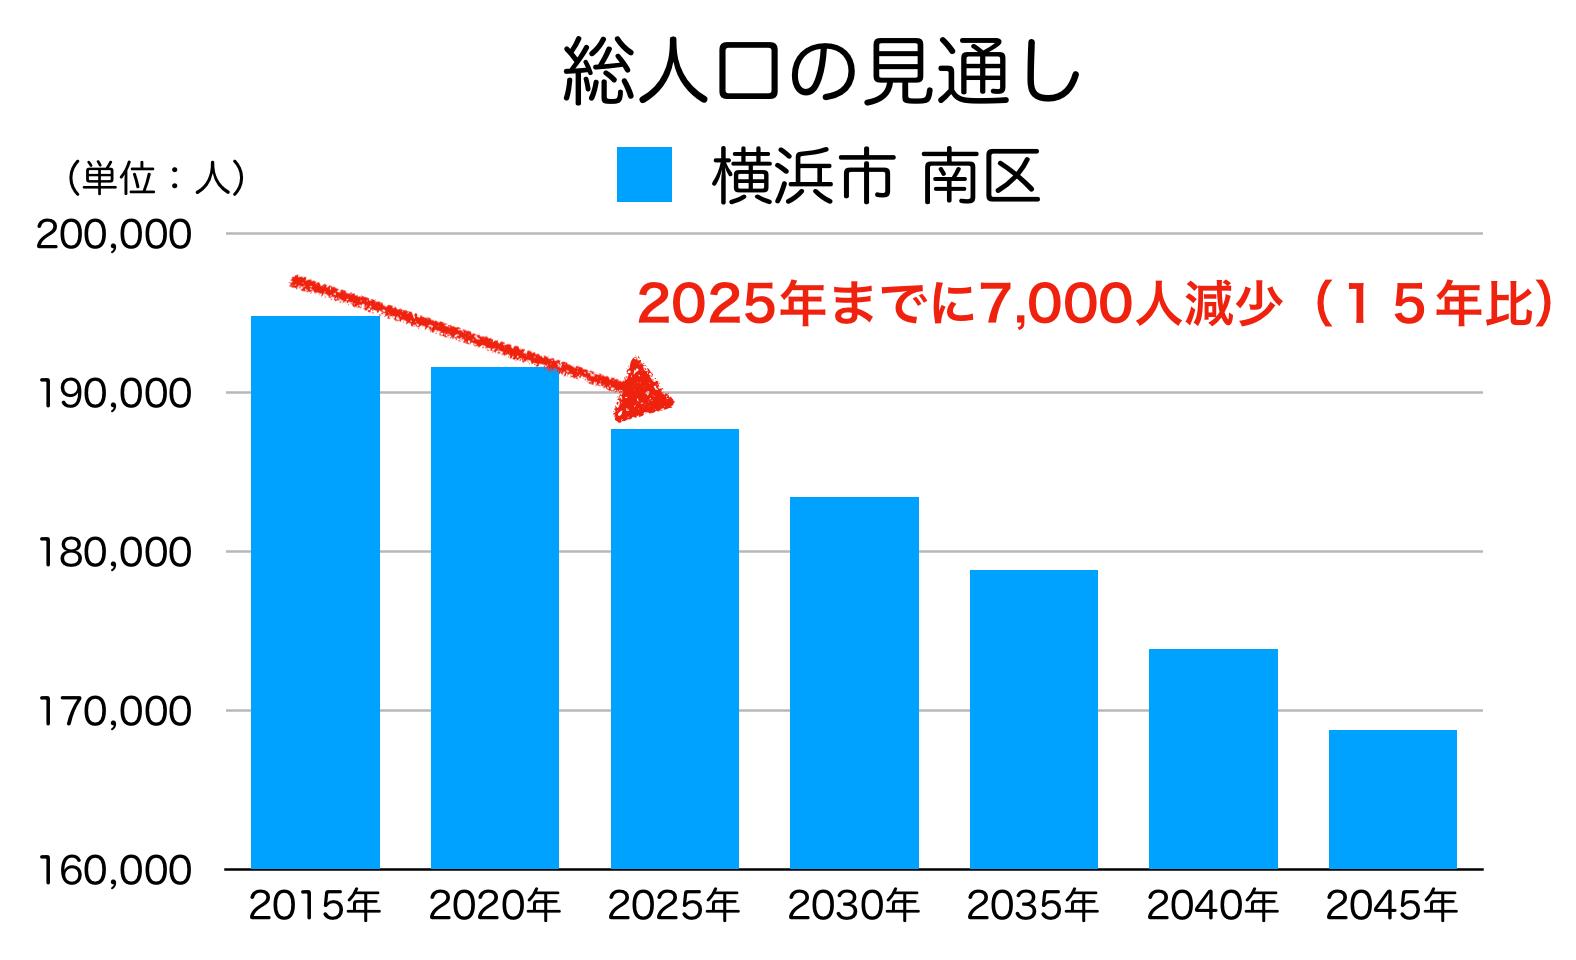 横浜市南区の人口予測